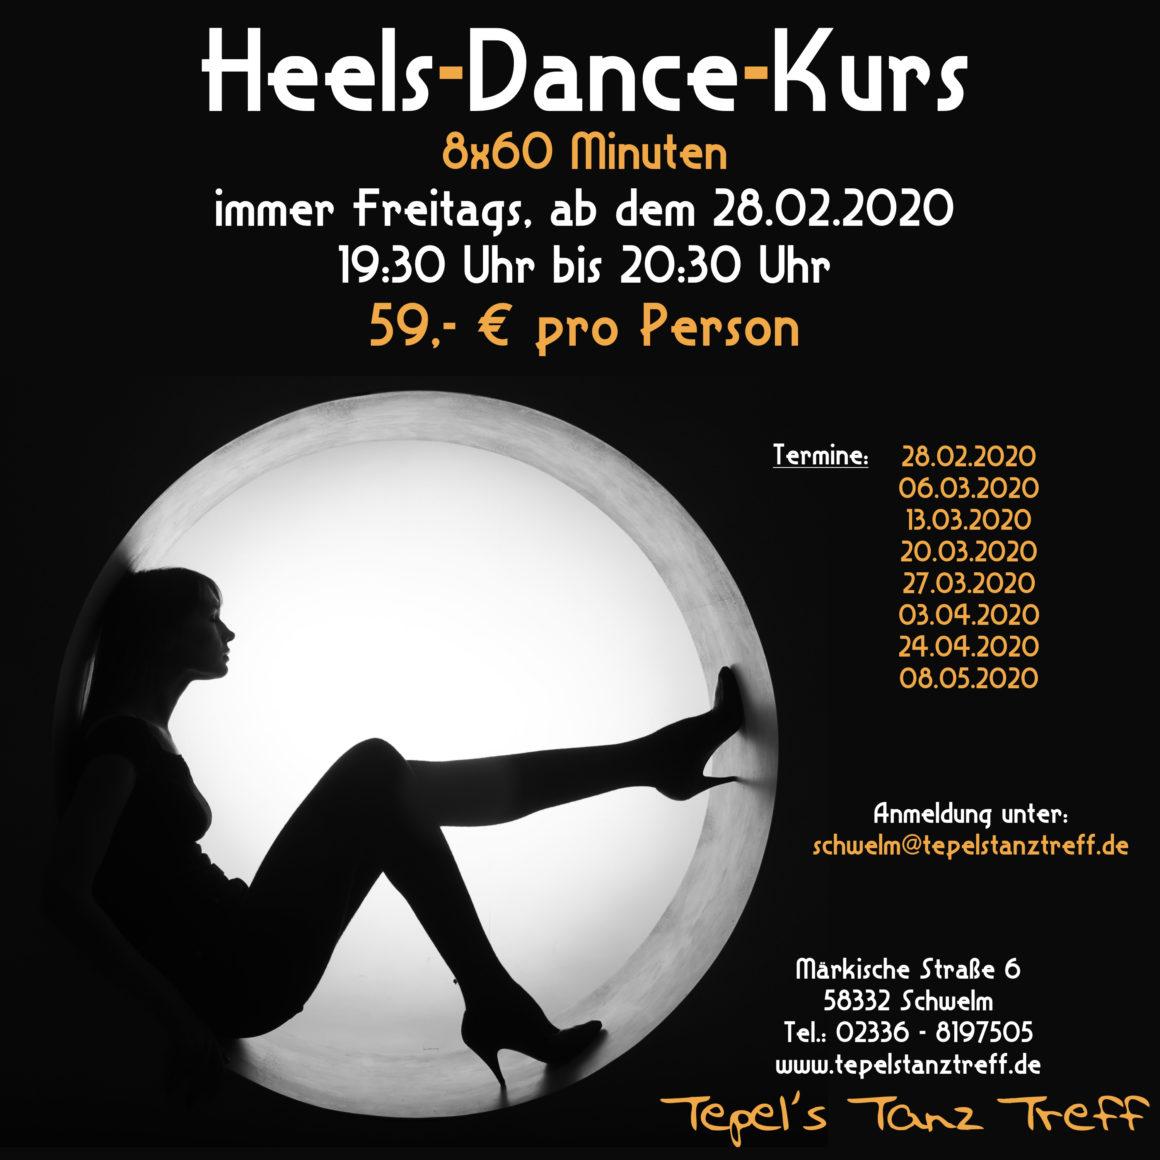 Heels-Dance-Kurs in Schwelm